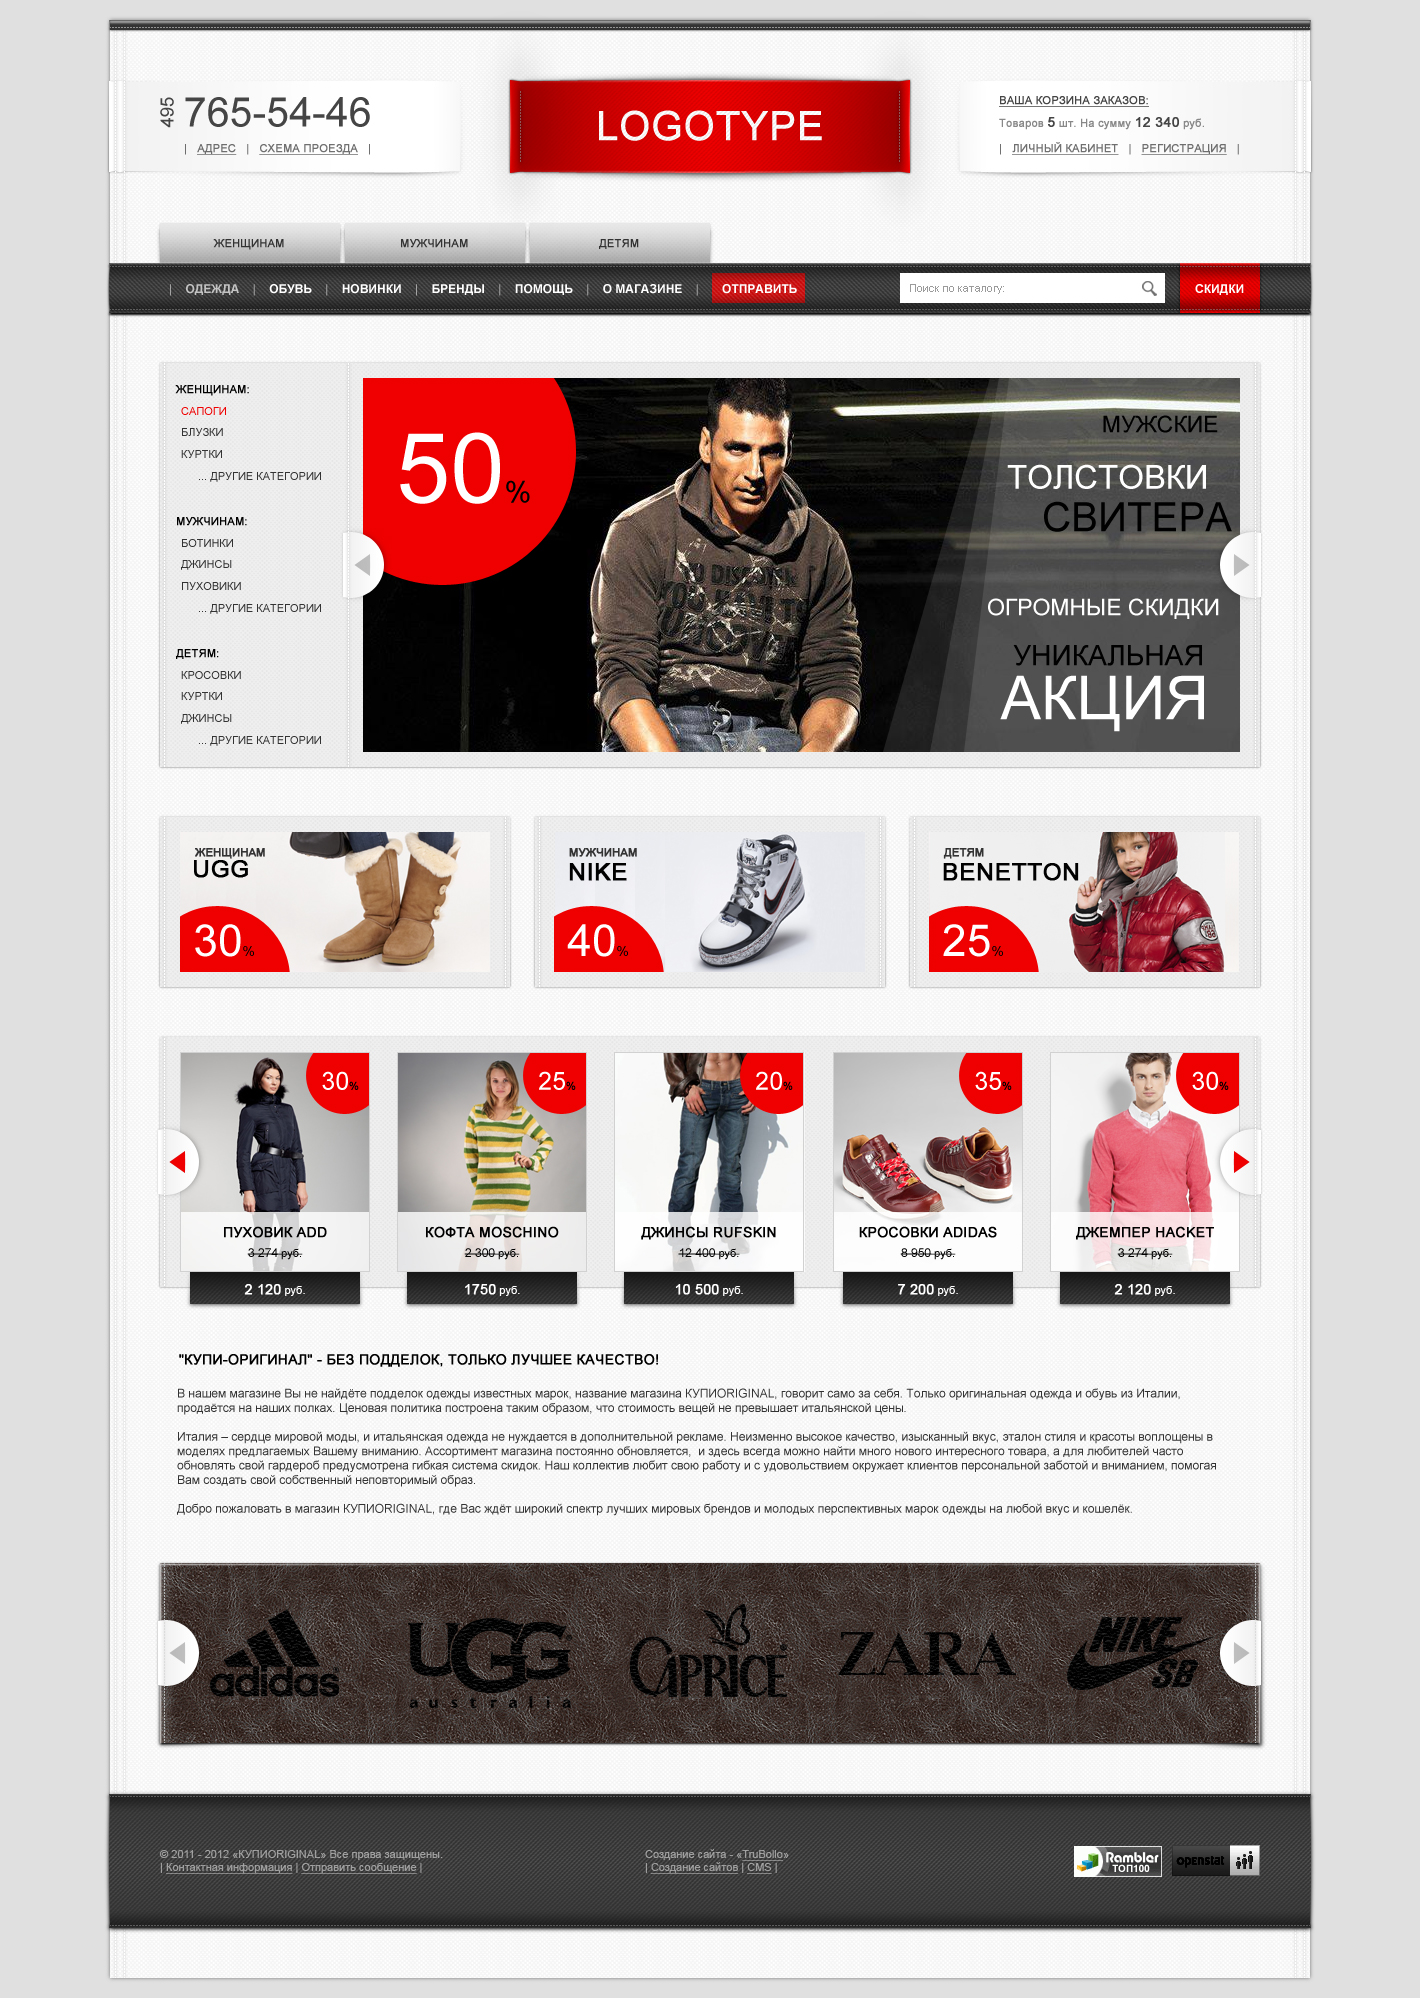 ae6549bdcf43 Дизайн интернет-магазина одежды и обуви: psd макет за 7 €